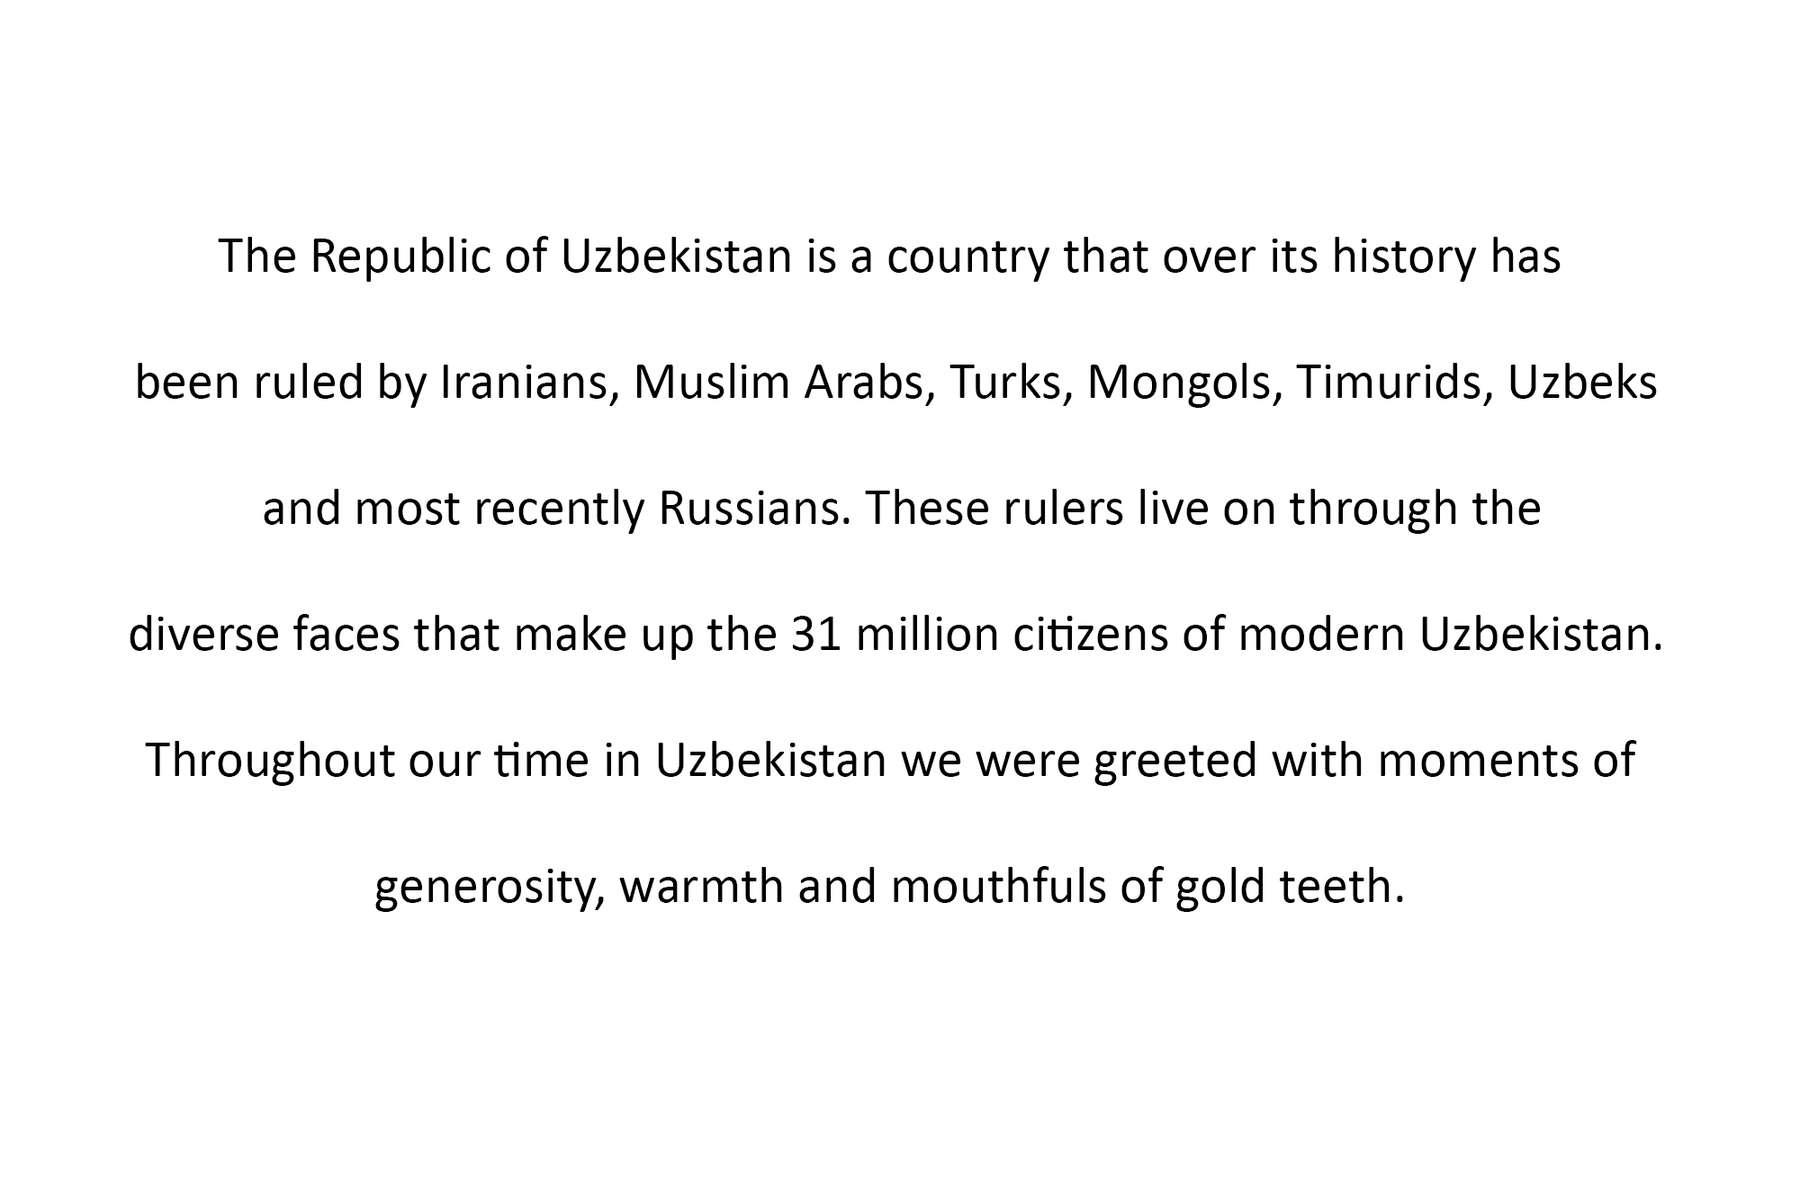 Uzbek-text-1